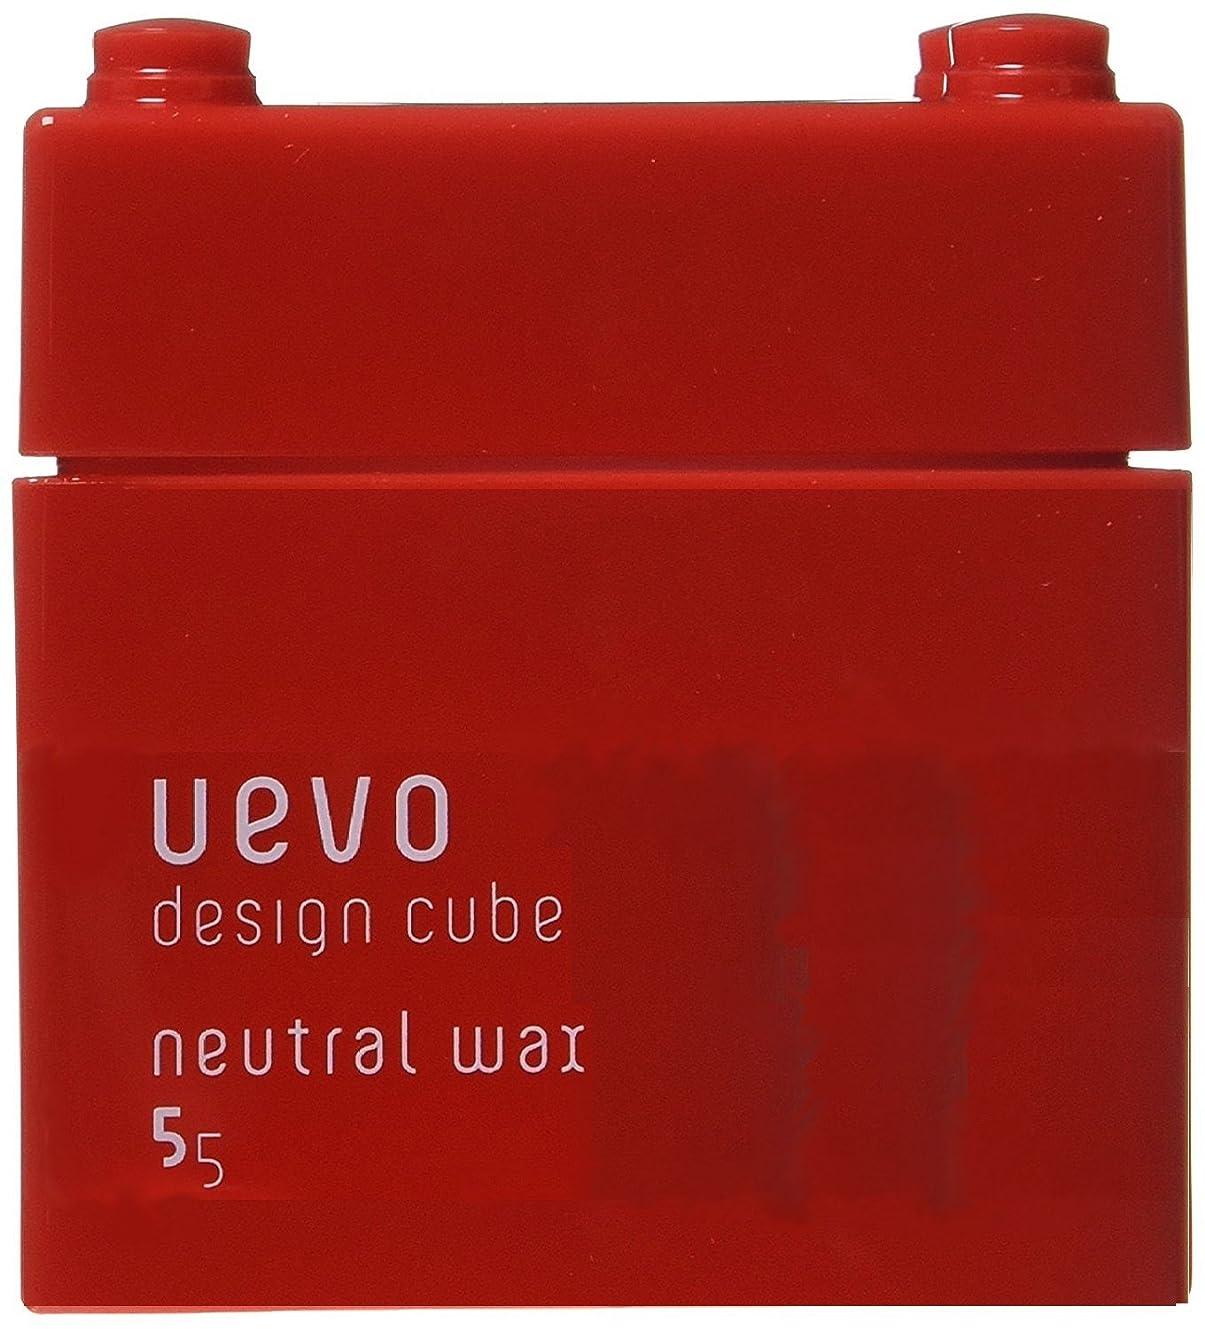 セラフ困惑した緑デミ?ウェーボ デザインキューブ ニュートラルワックス 80g(並行輸入品)